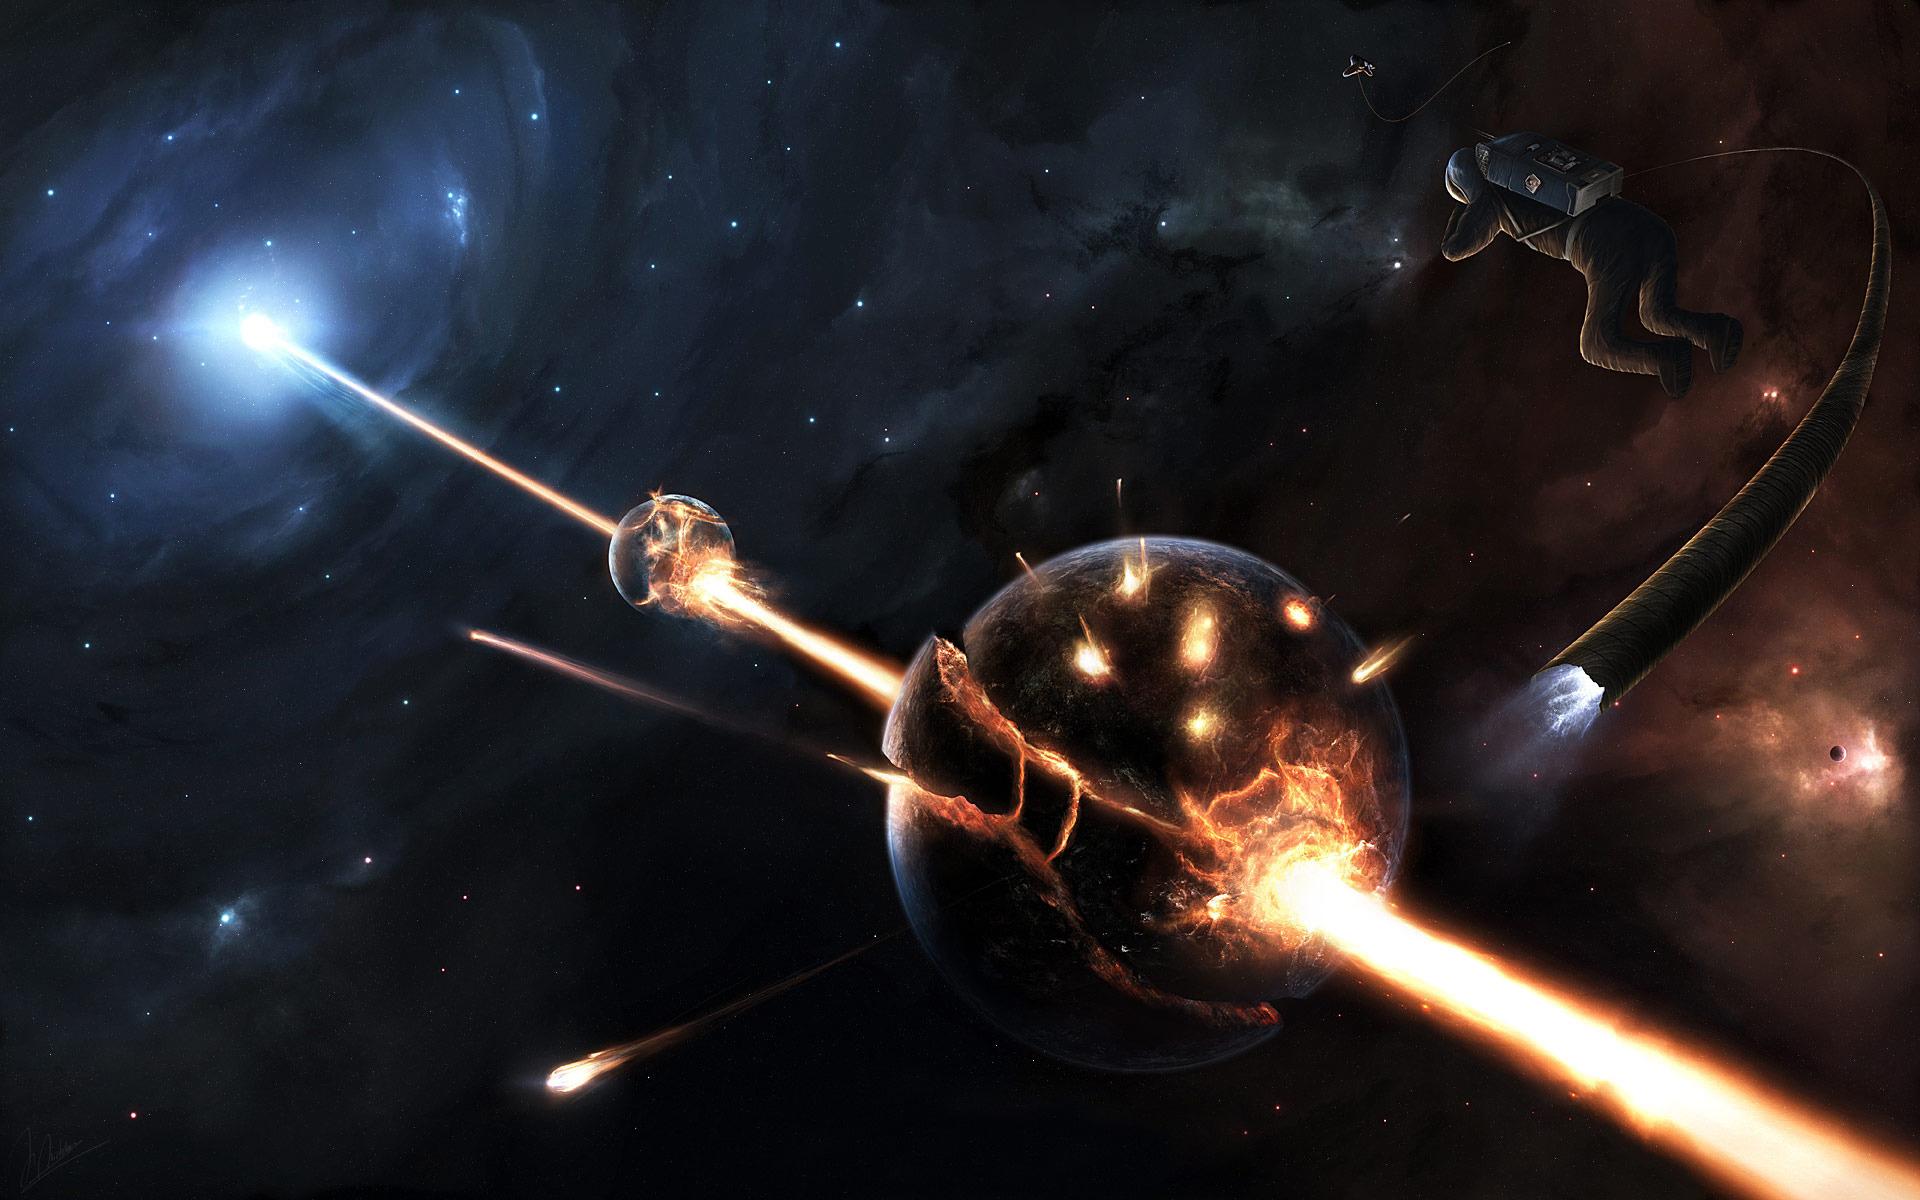 Обои Разрушенная планета, корабль картинки на рабочий стол на тему Космос - скачать  № 3552424 бесплатно